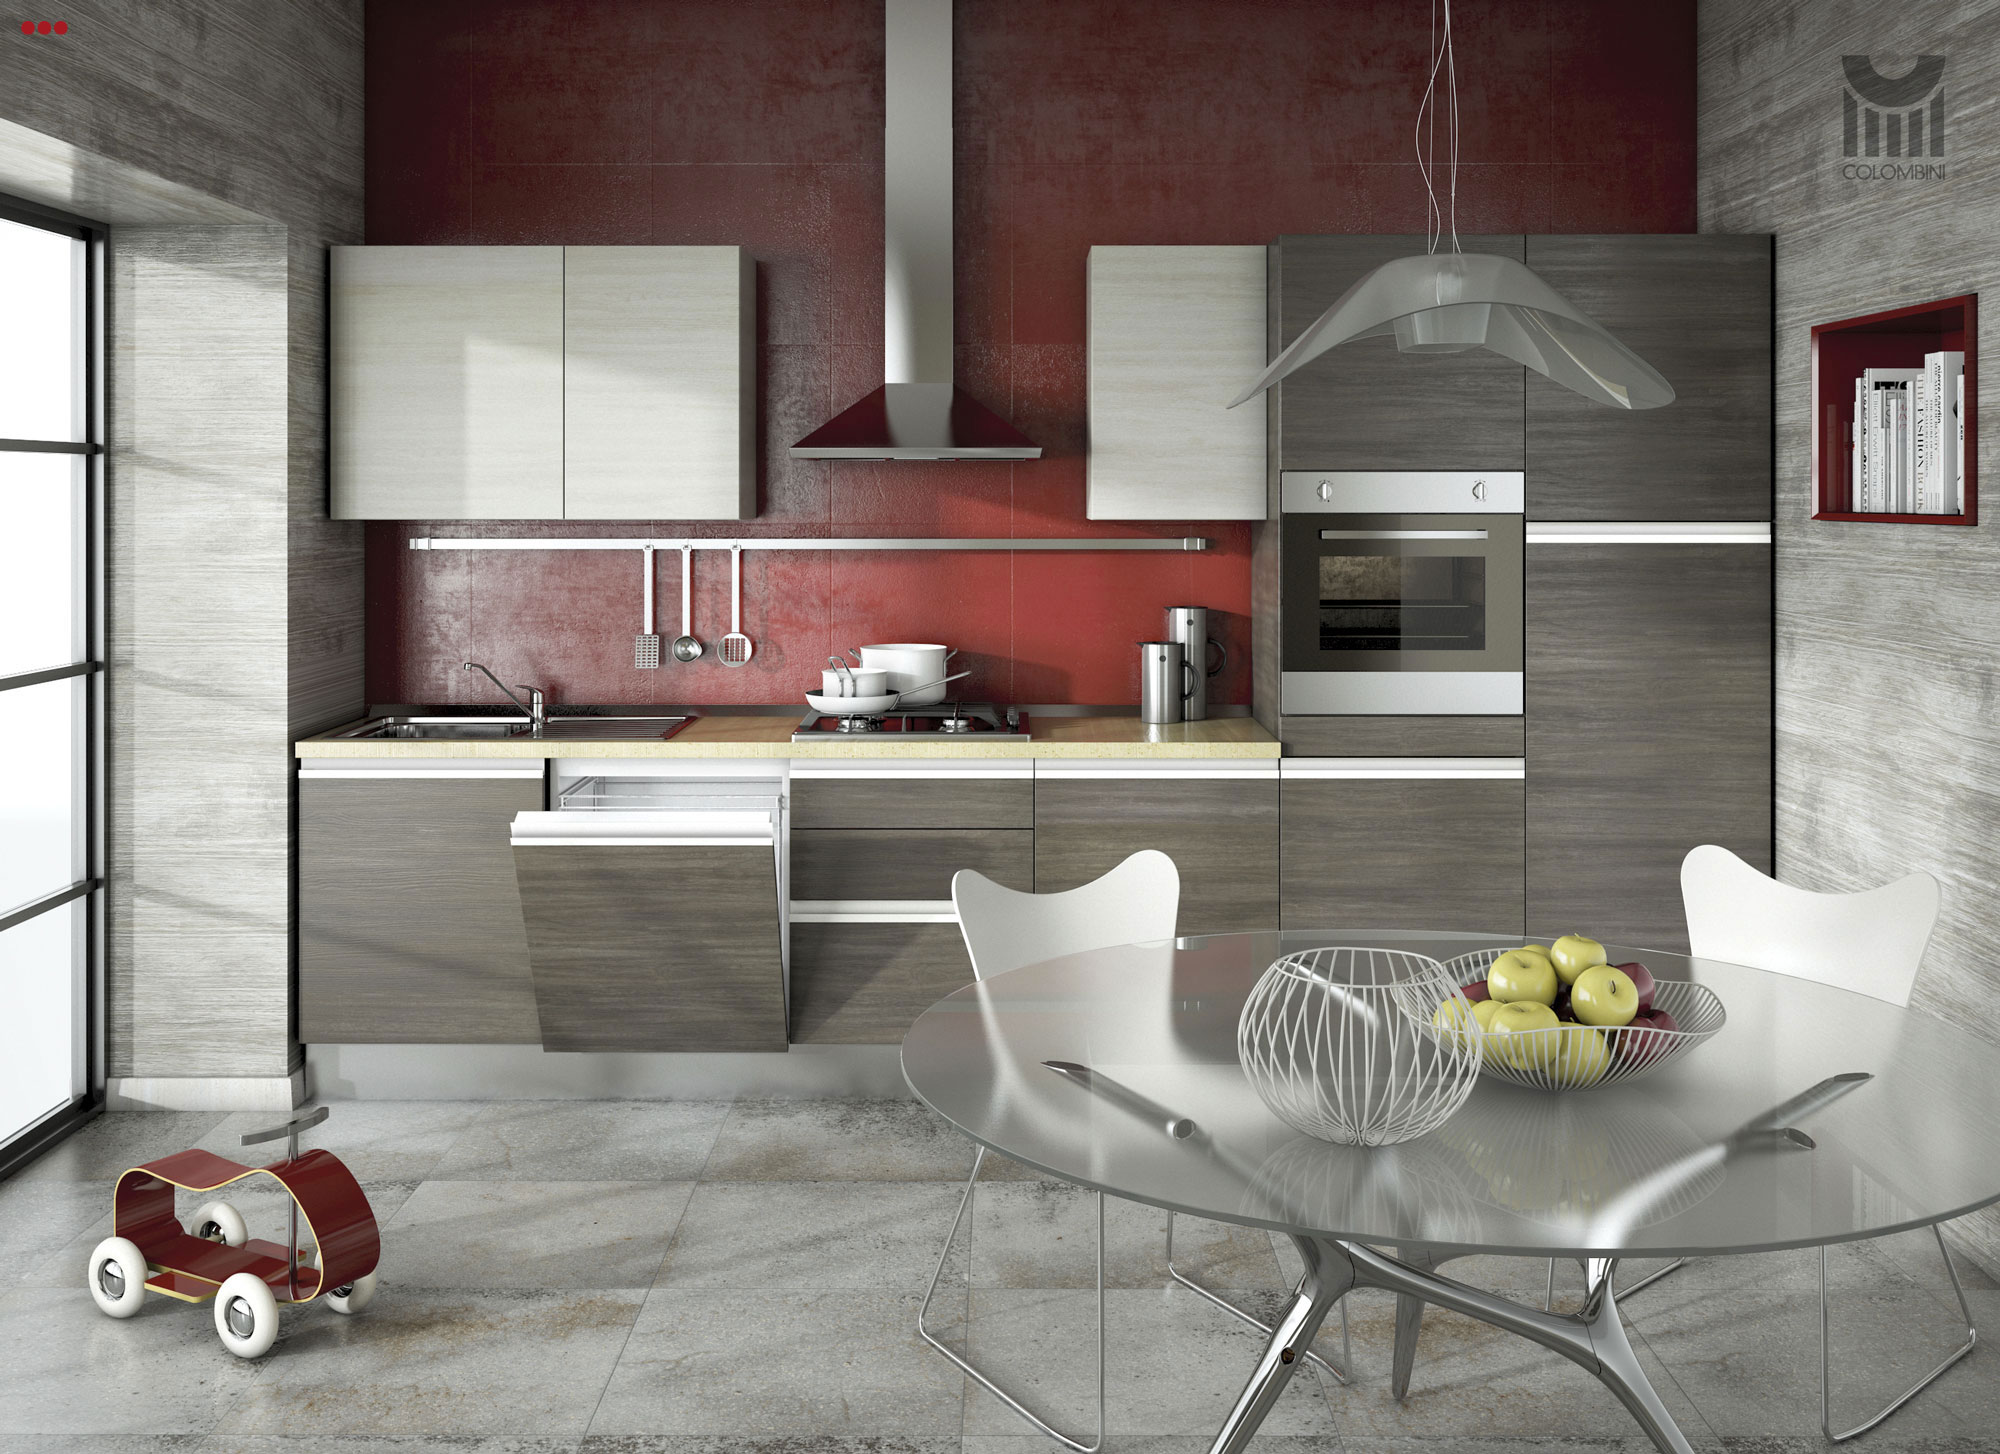 Progettare cucina in 3d progettare cucina d bellissimo for Programma per progettare cucine gratis